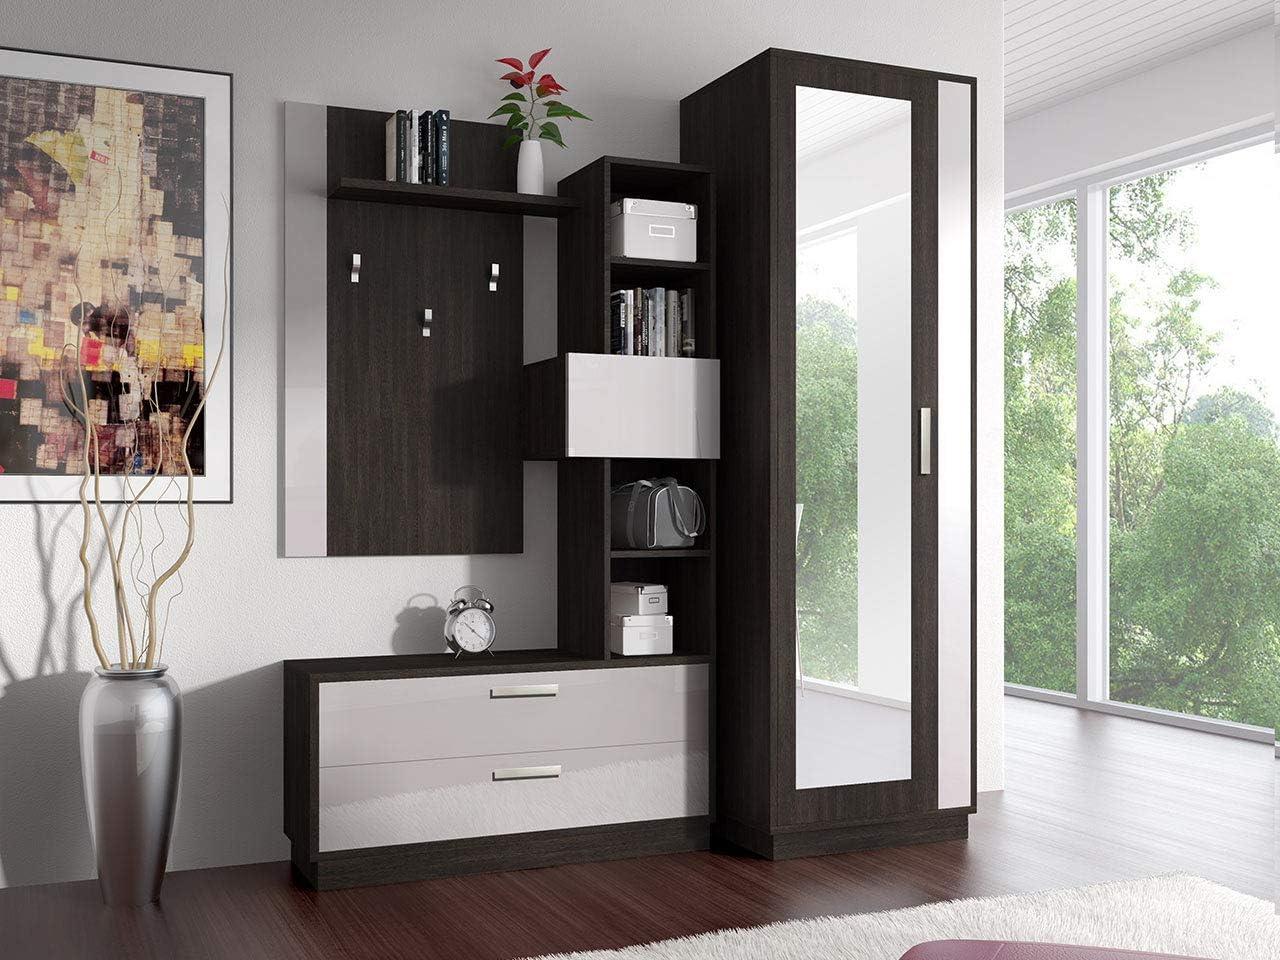 Mali Eiche//Wei/ß Hochglanz mit Kleiderst/änder Design Idzczak Meble Garderobe Zac Garderoben-Set Hochglanz Schuhschrank